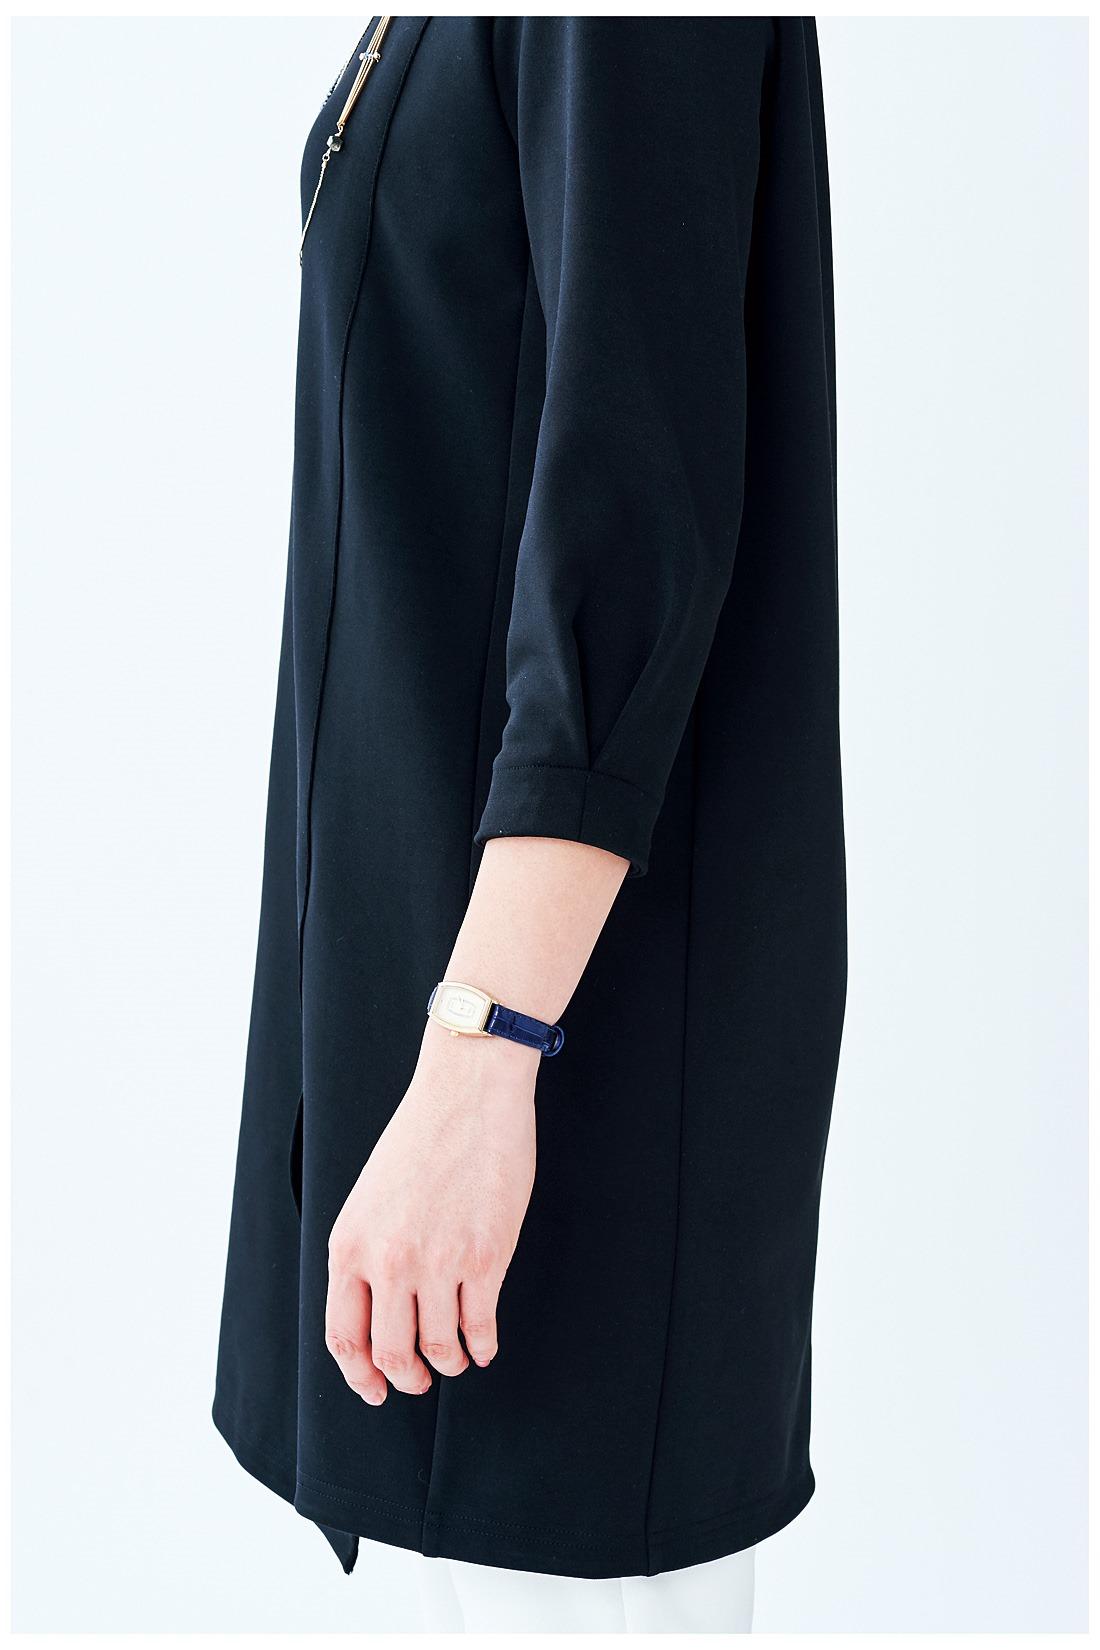 袖口のタックデザインが女性らしさを演出。